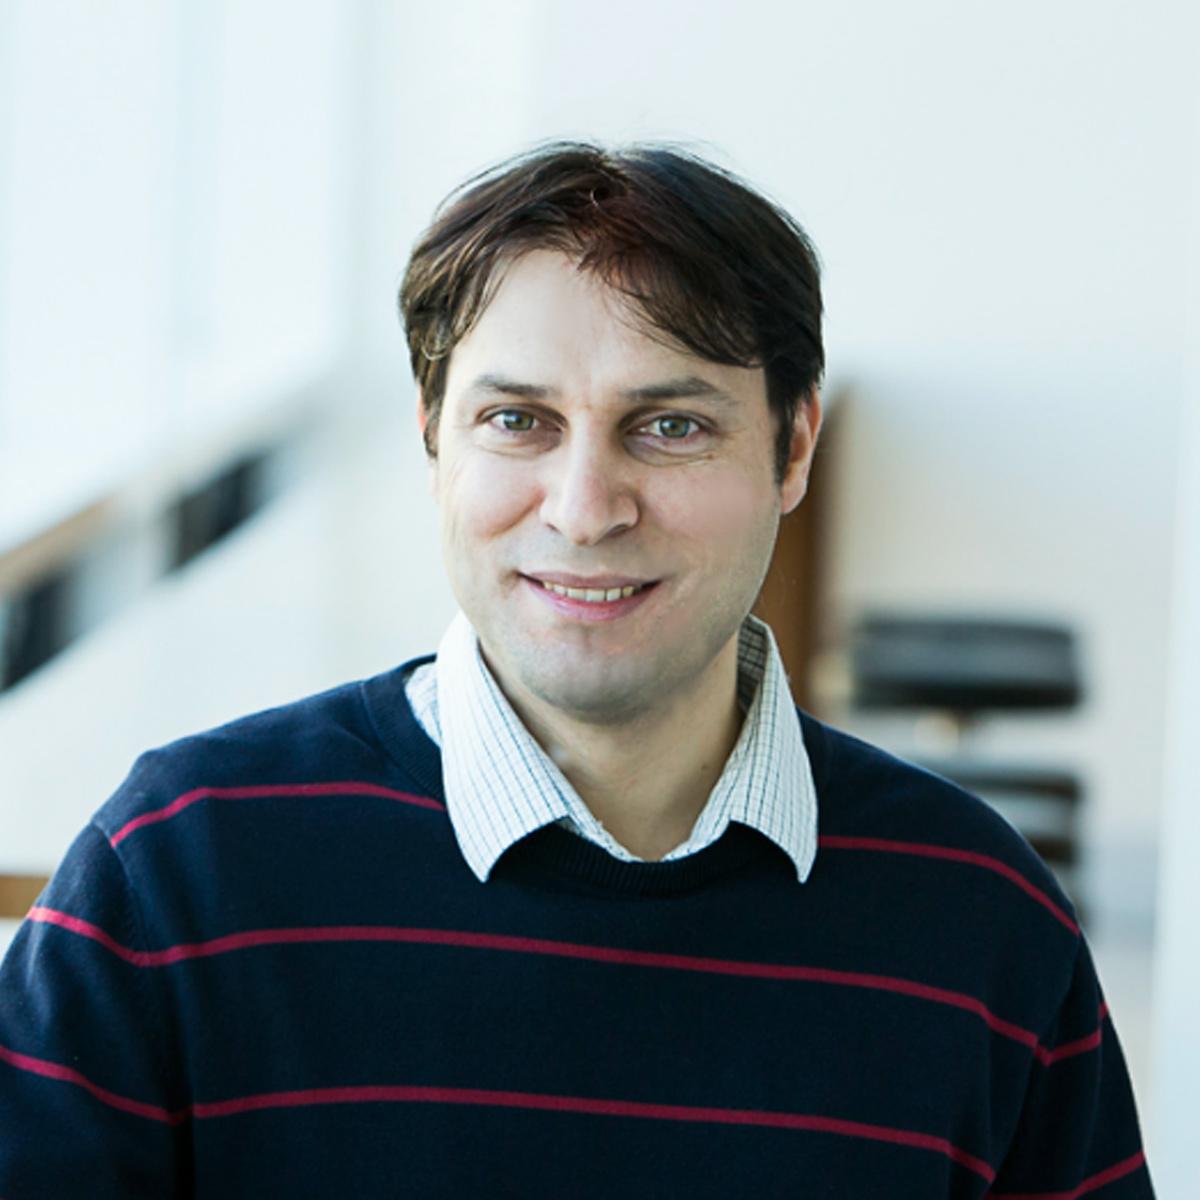 Mahdi Fahmidehgholami